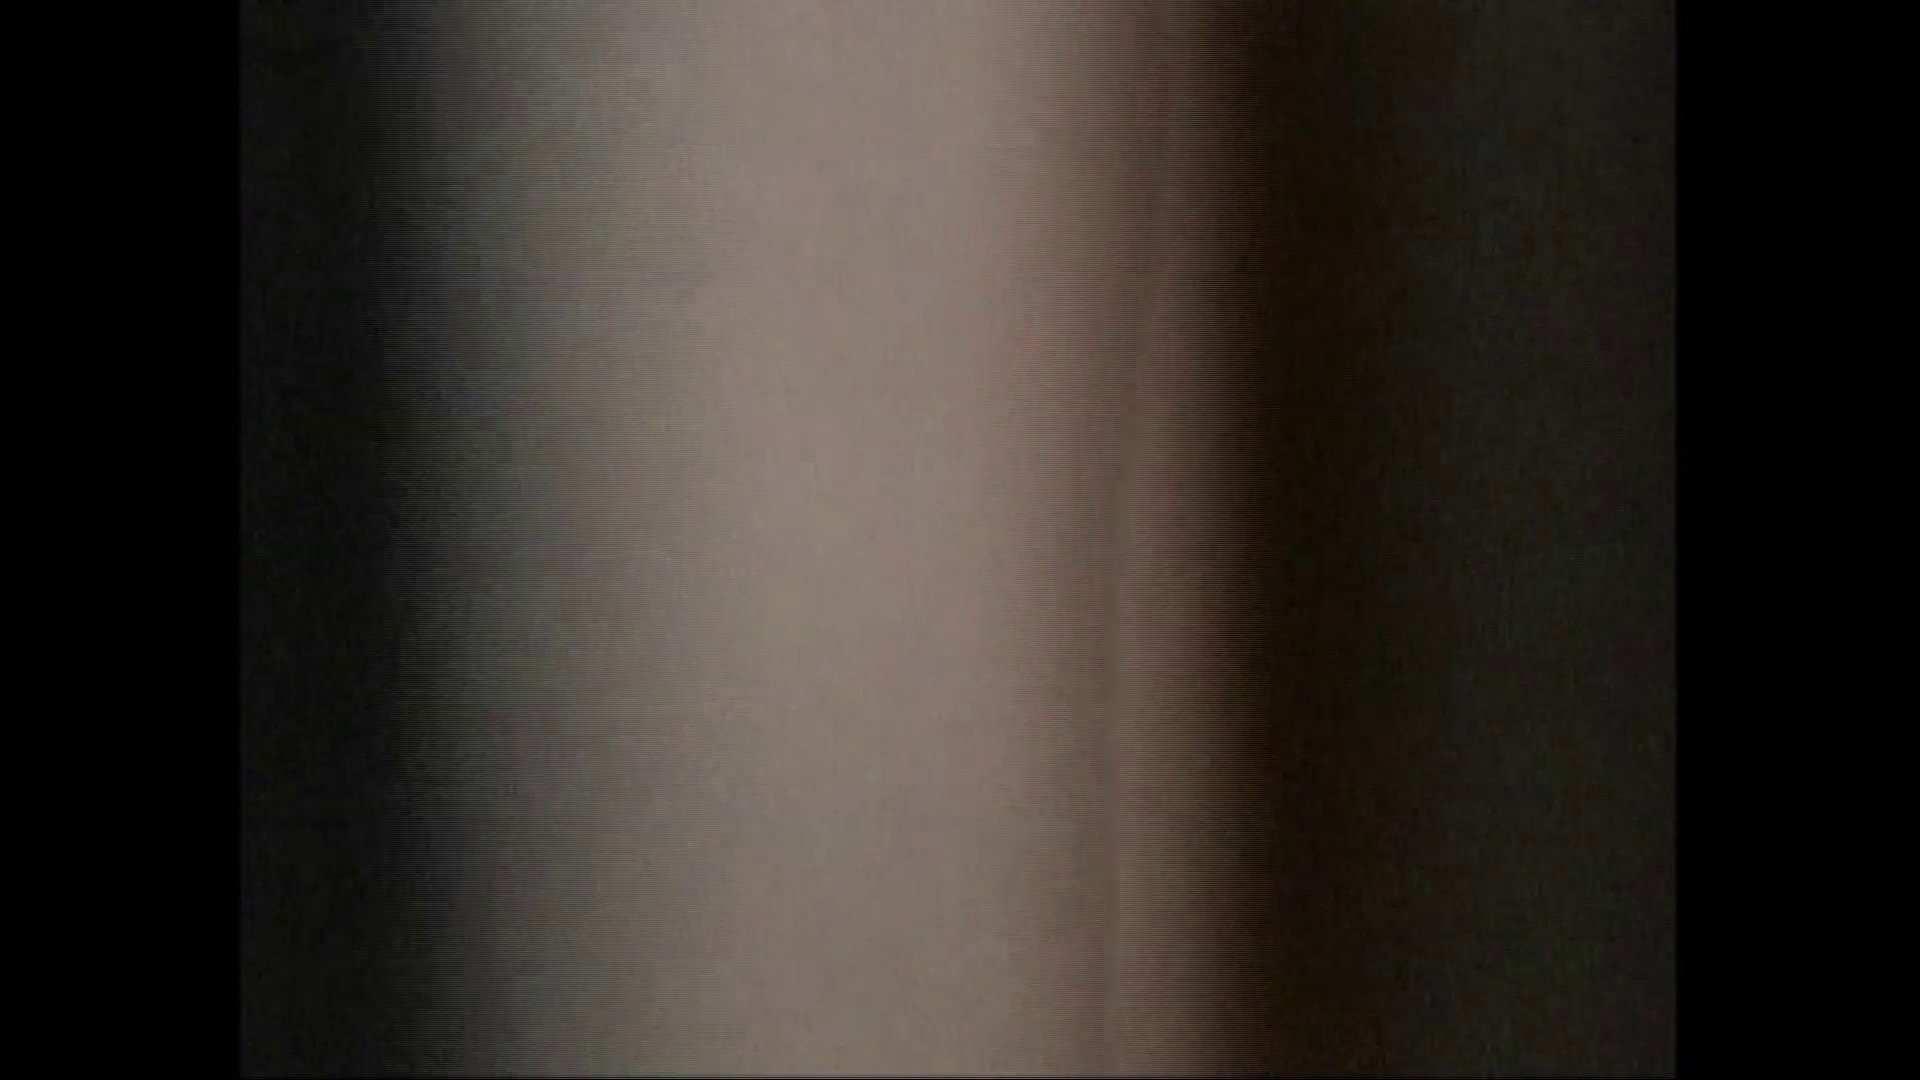 隙間からノゾク風呂 Vol.29 股をグイッとひらいて・・・。 入浴 | 盛合せ 盗撮 76枚 10